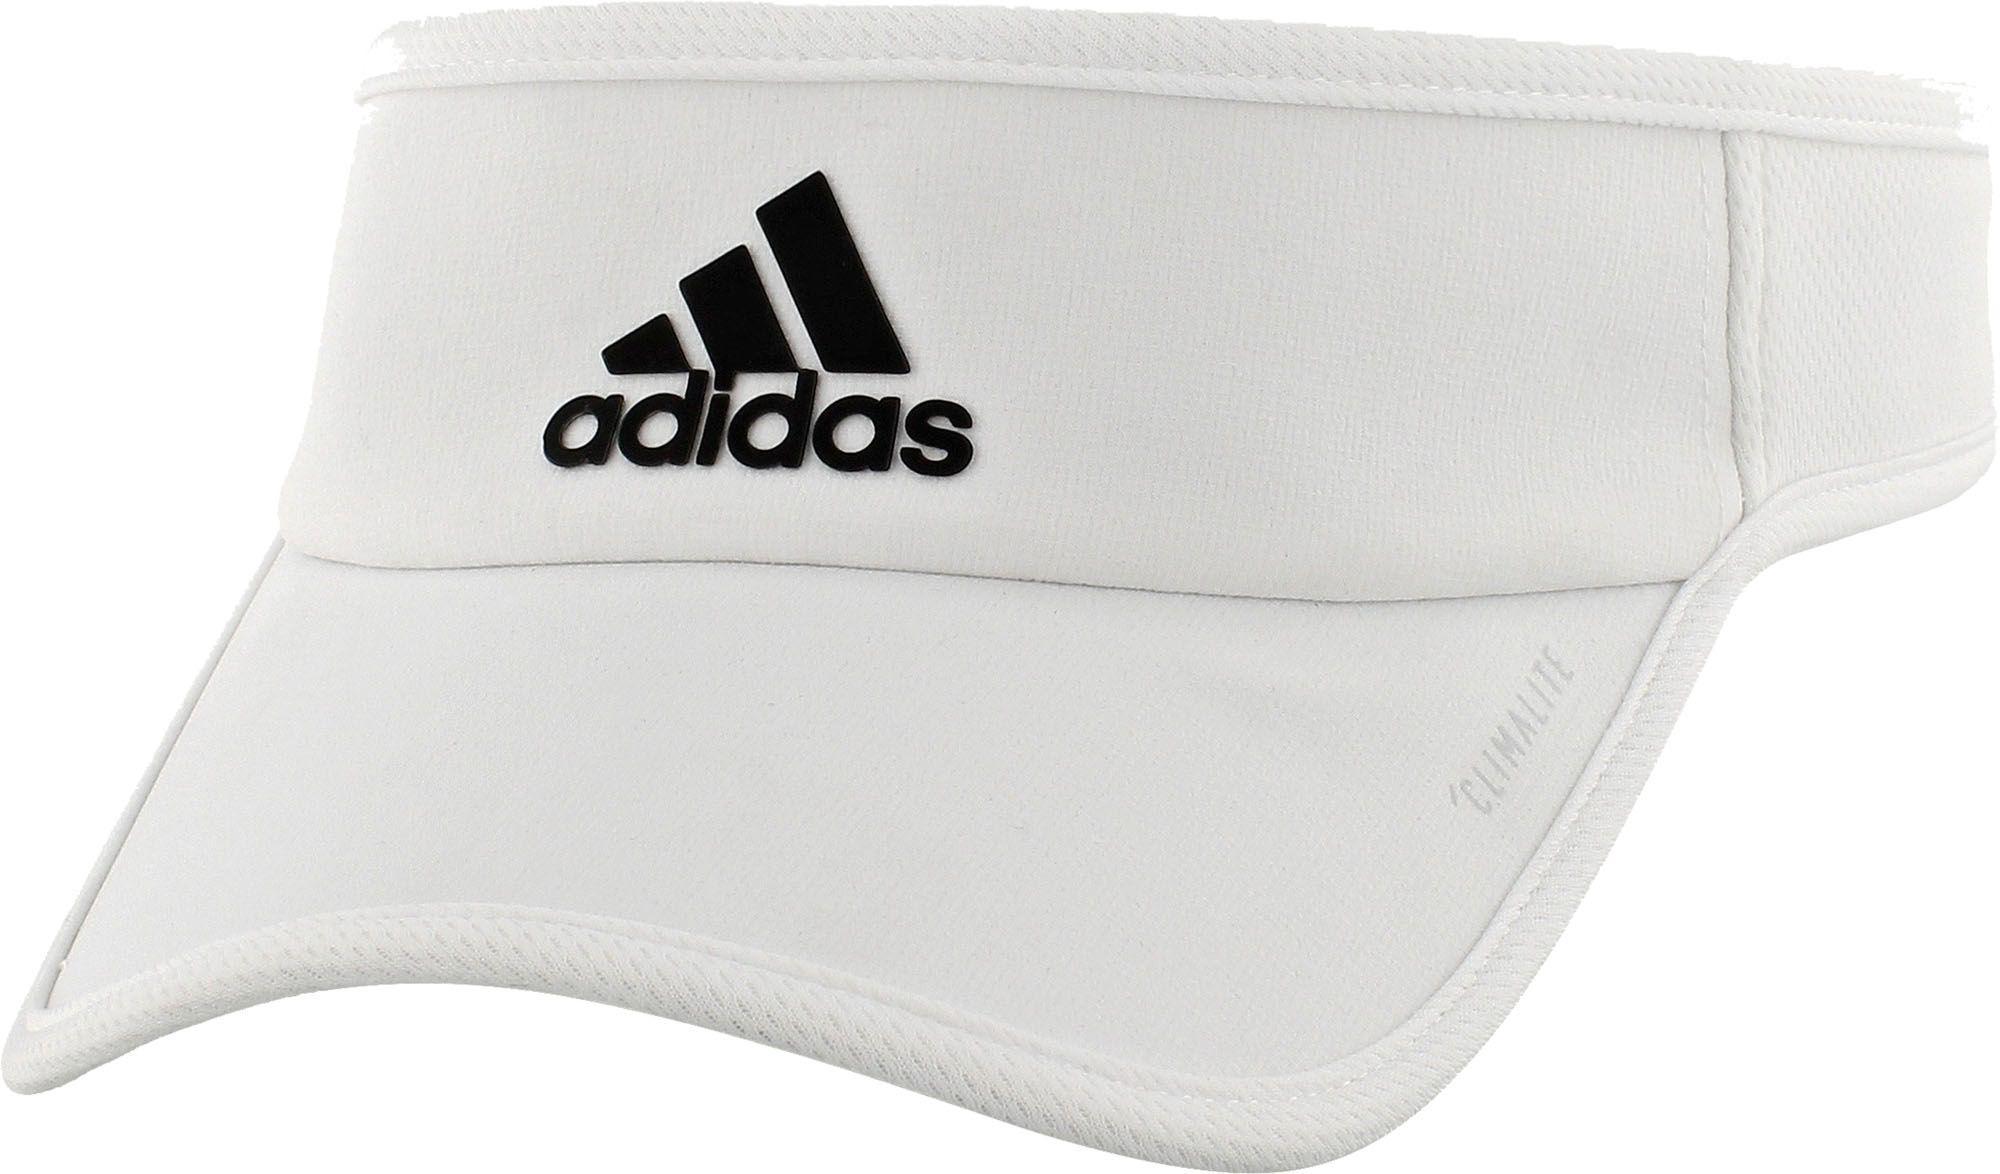 295e774b06b Adidas - White Superlite Visor for Men - Lyst. View fullscreen